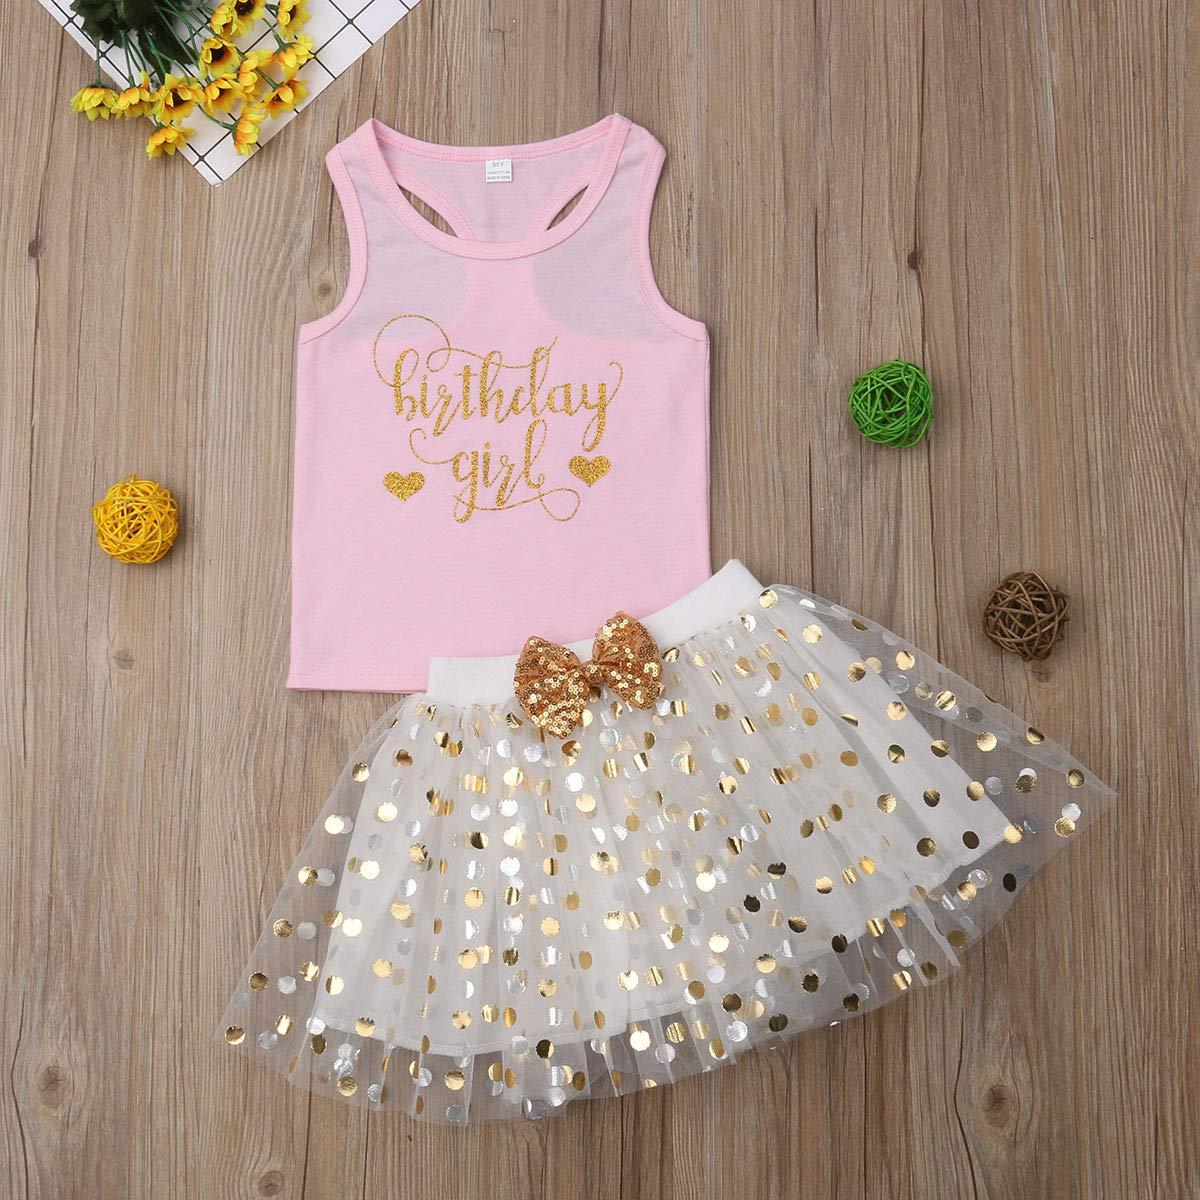 Aunavey Baby Girl Fancy Dresses Toddler Kids Birthday Gift Princess Sleeveless Vest Dot Bubble Tulle Tutu Skirt Set